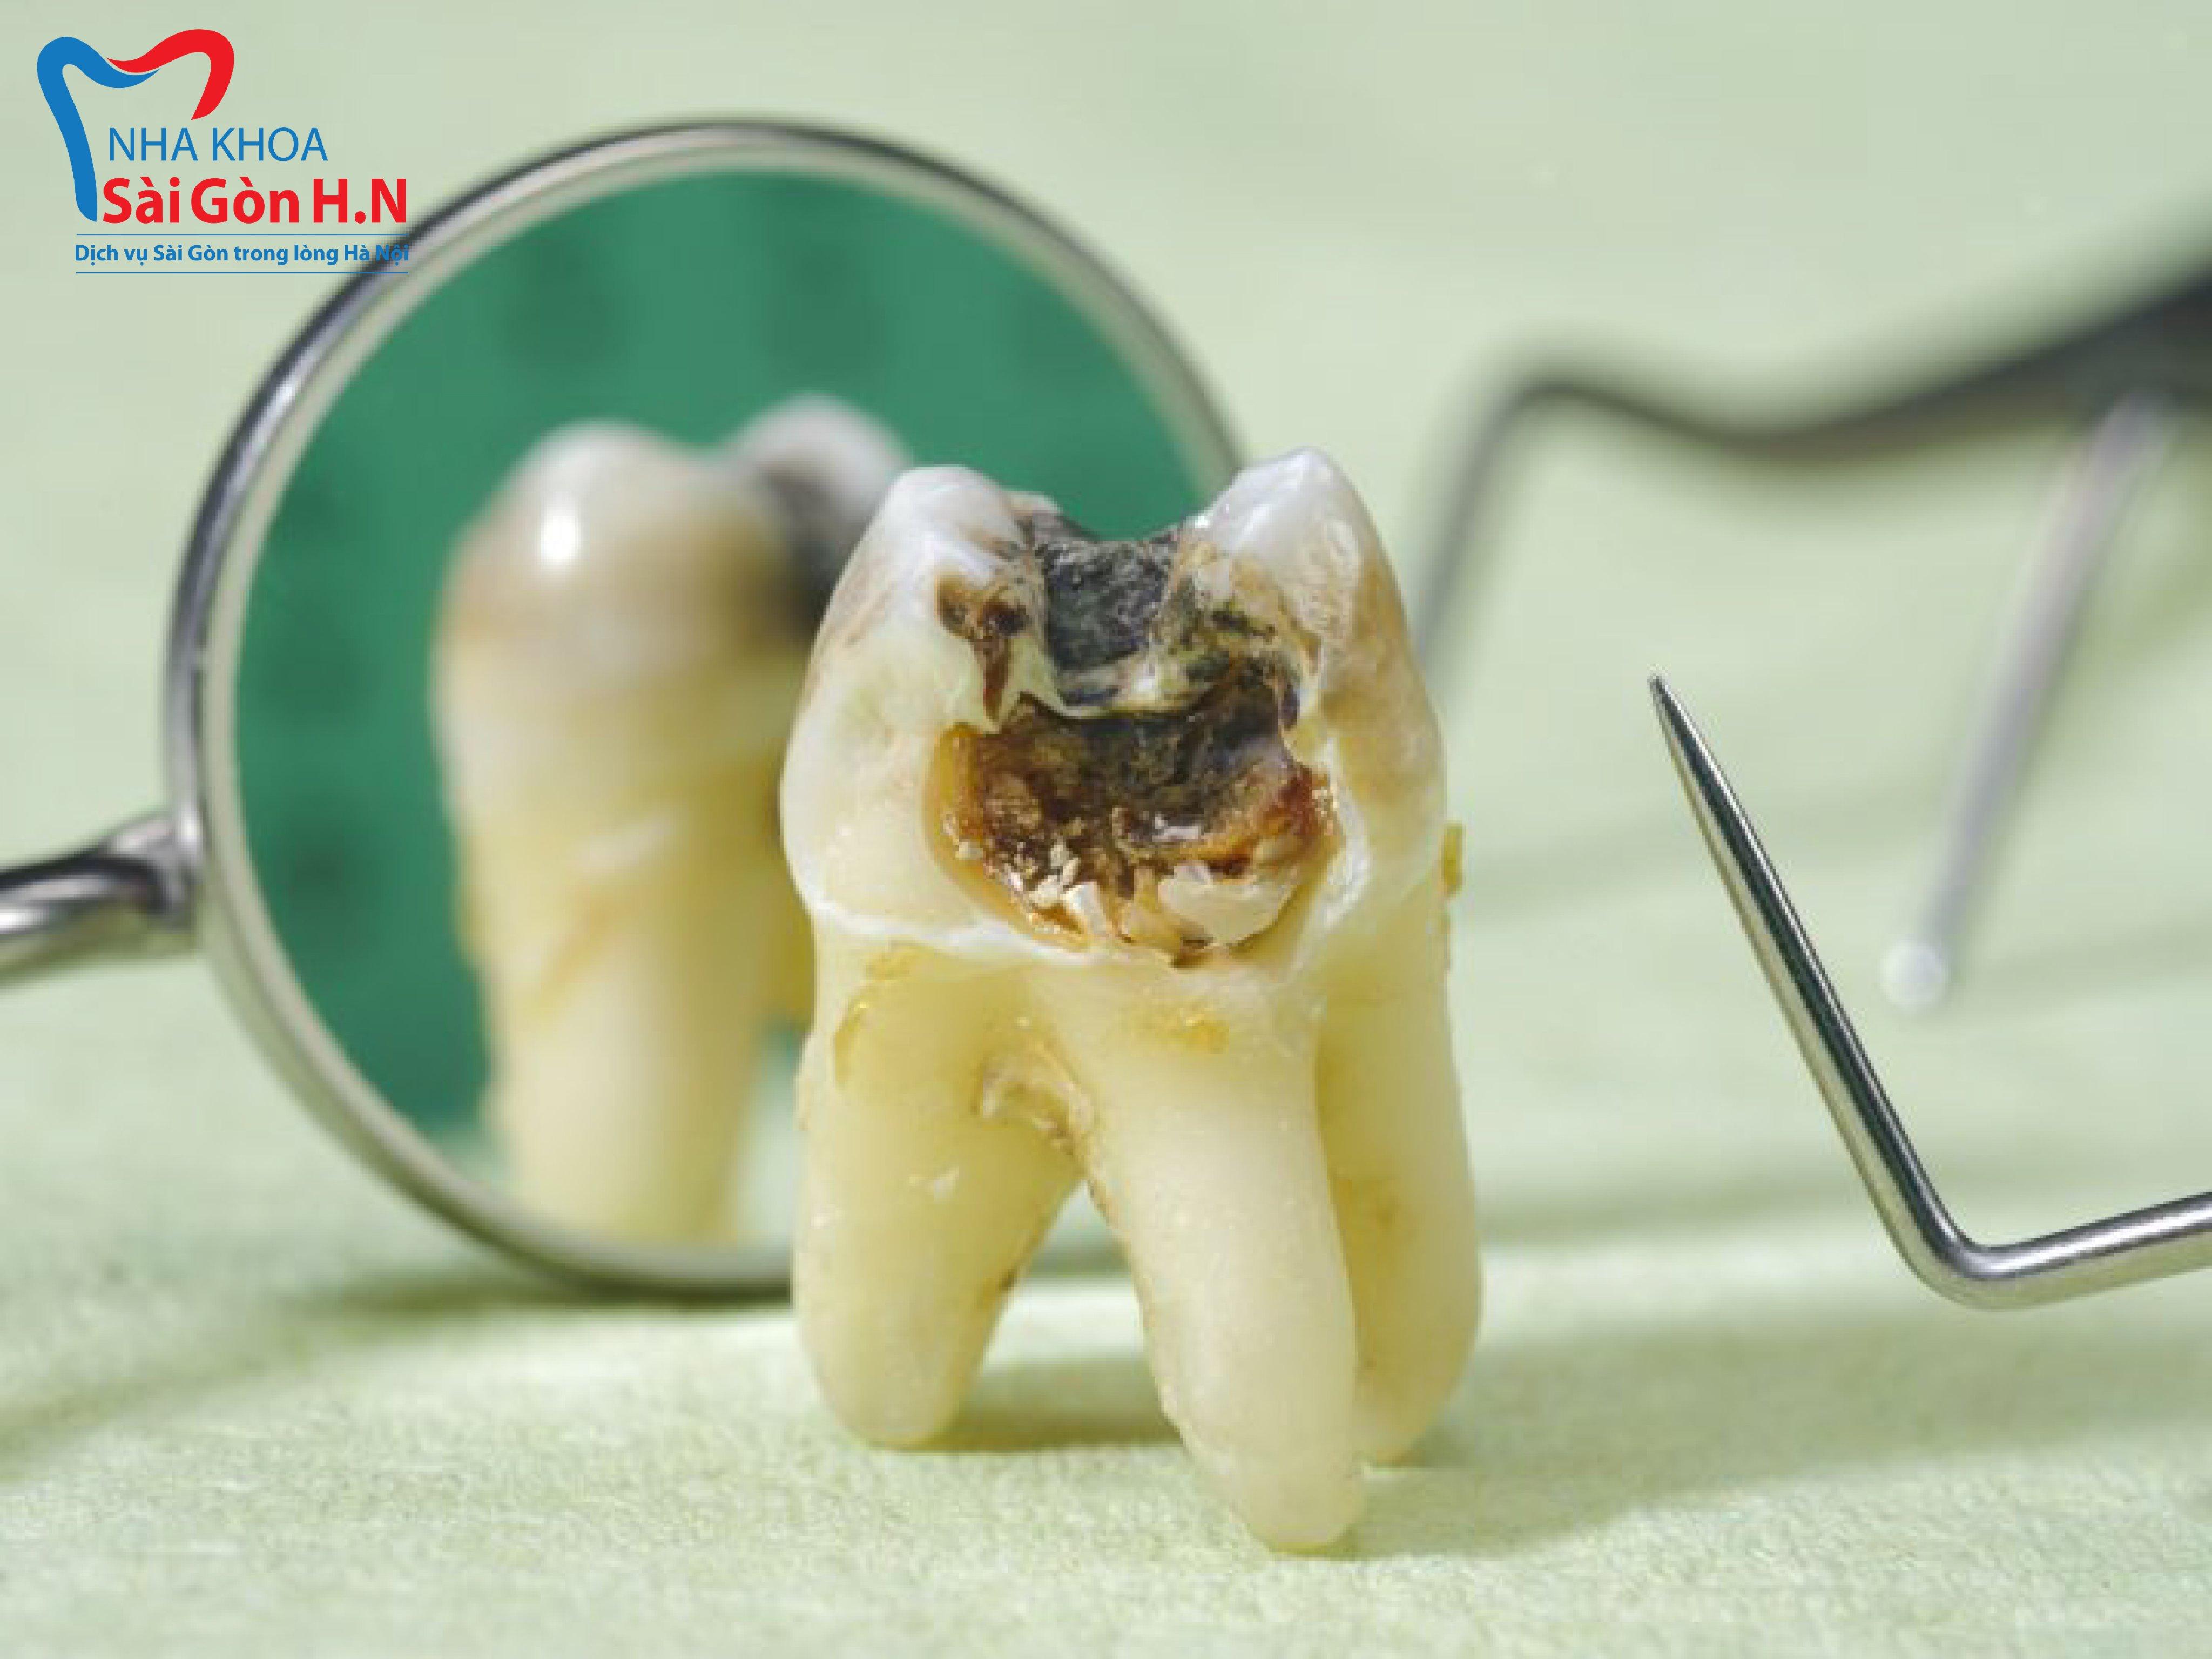 Hình ảnh thực tế khi răng bị sâu